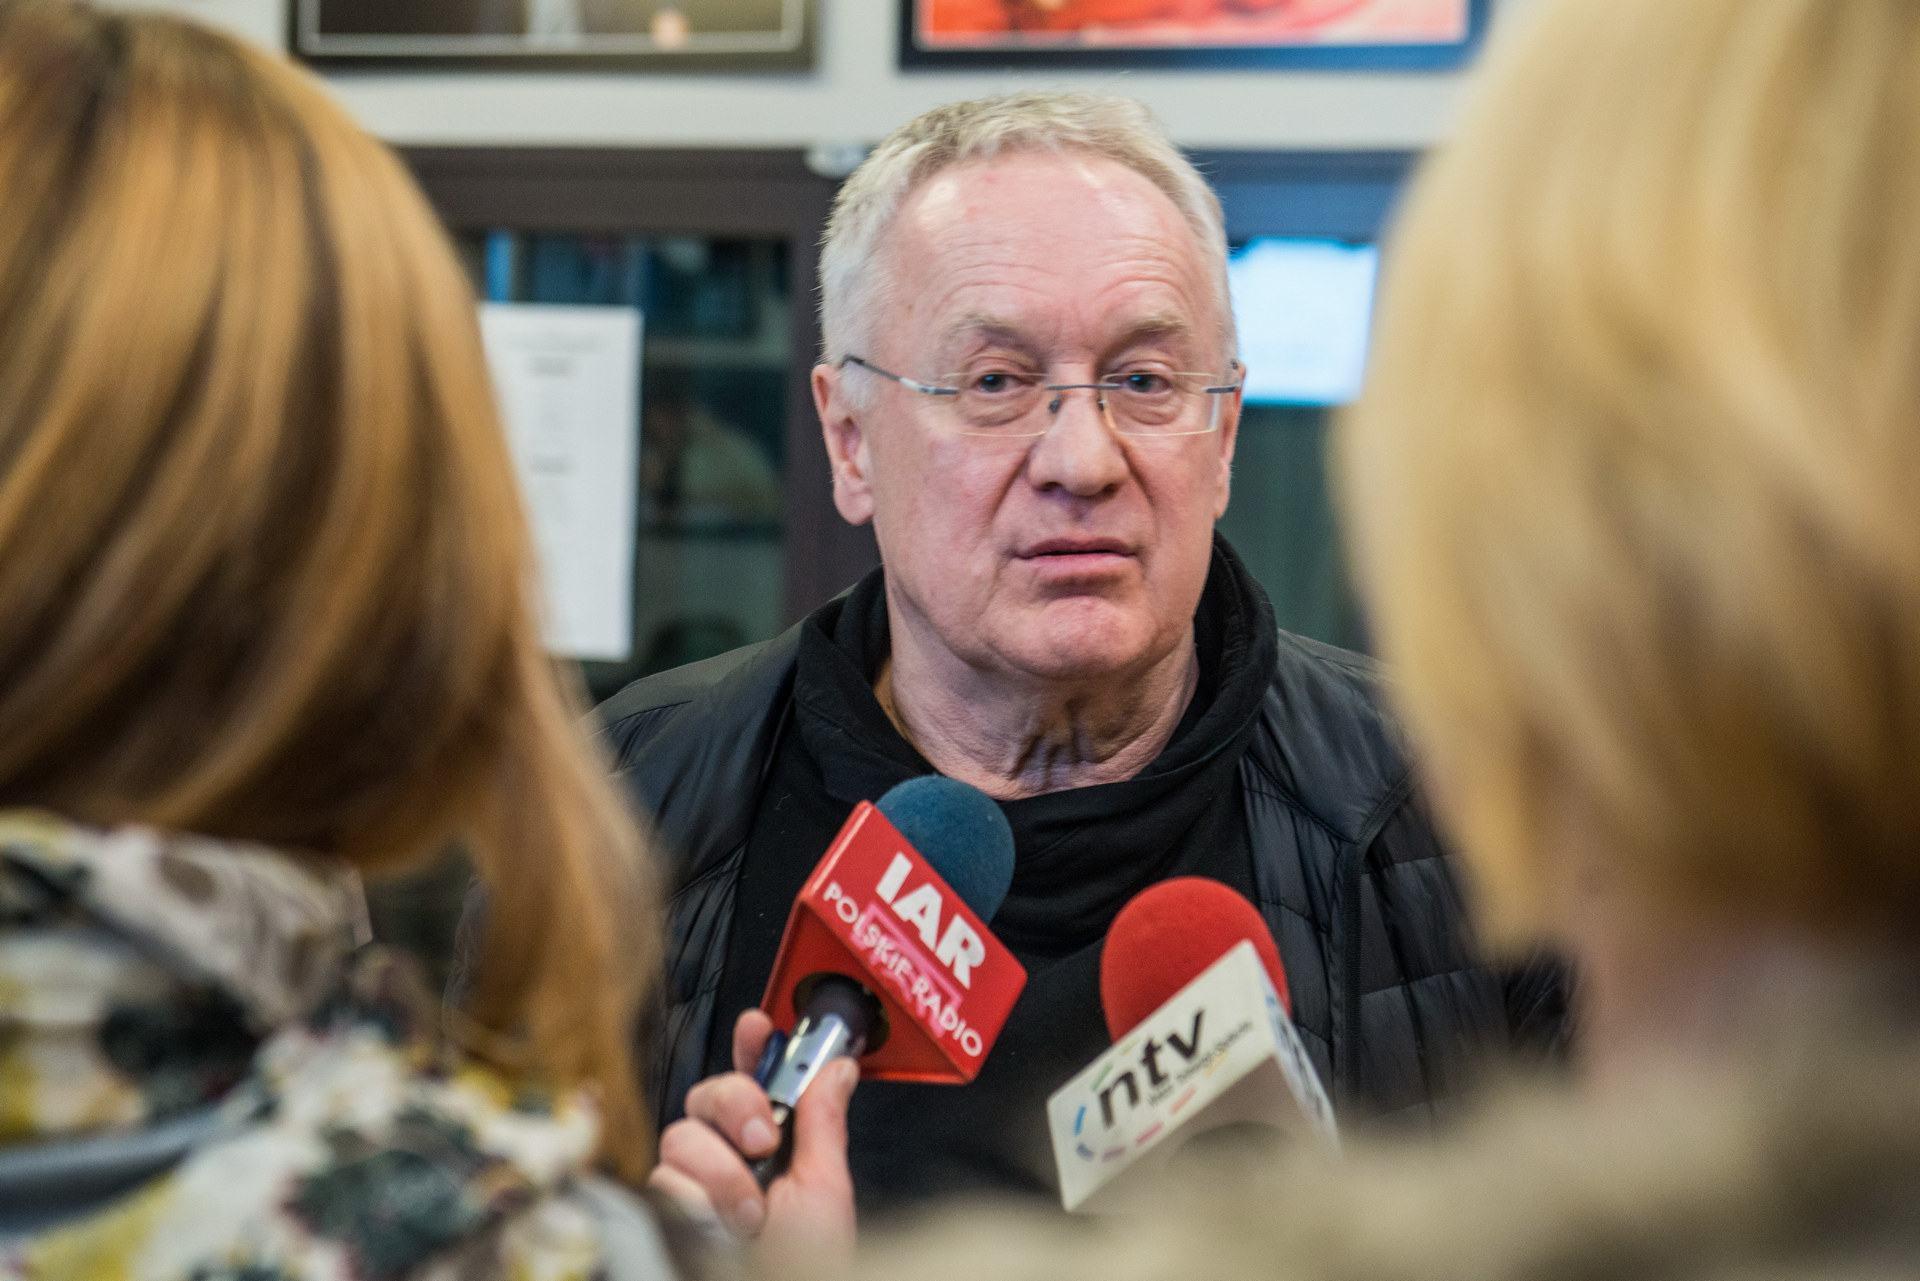 Nowe Kino NOWY SĄCZ fot. Andrzej Rams